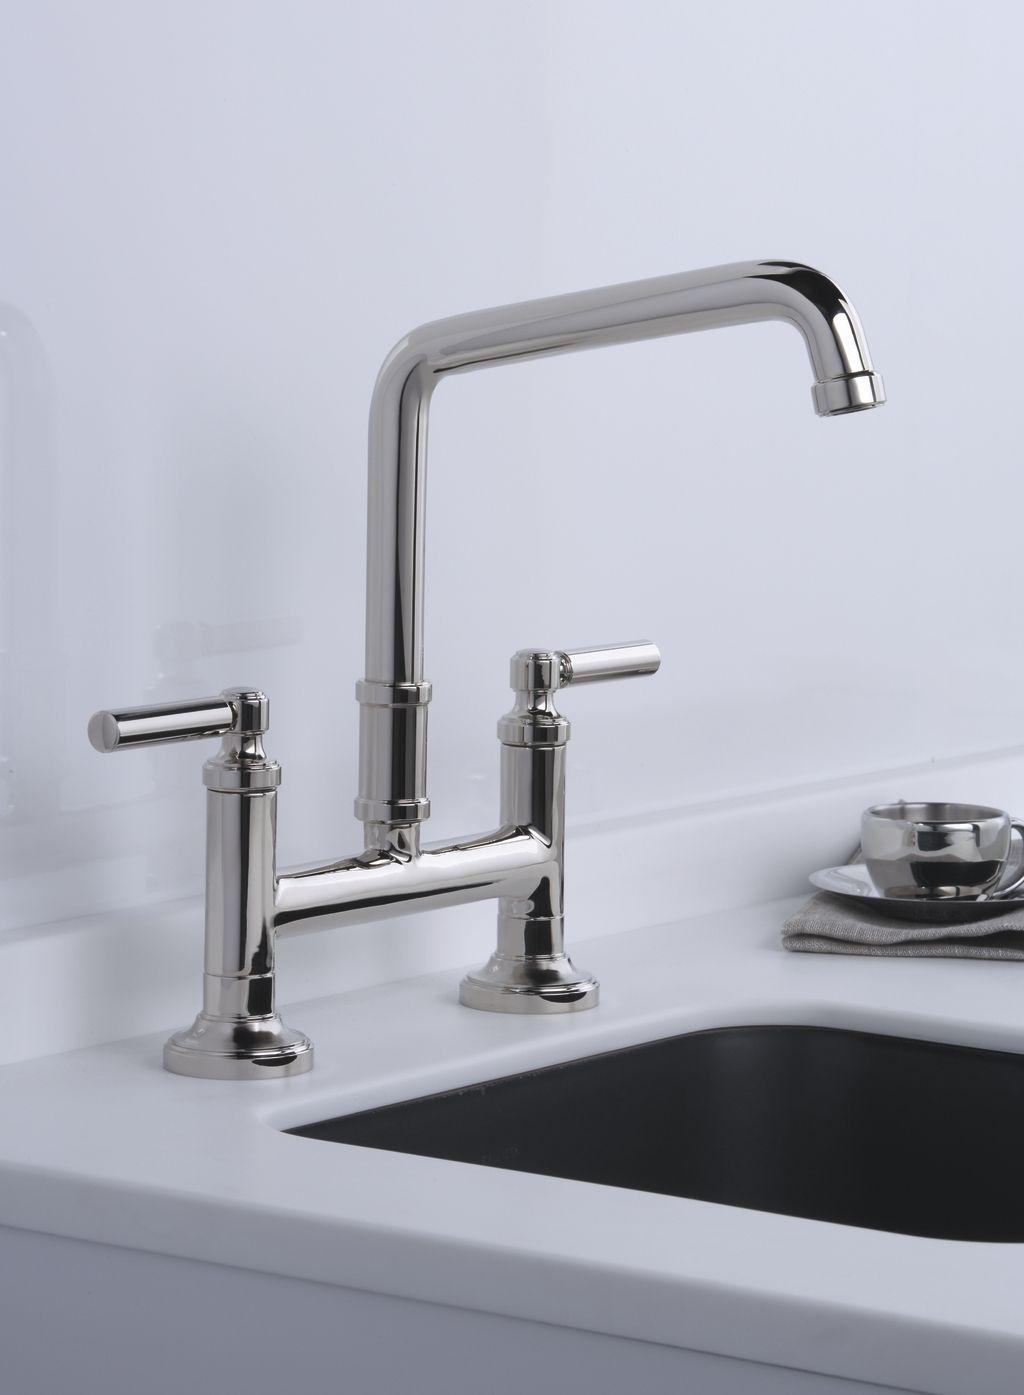 Kallista Quincy Bridge Kitchen Faucet, available at lav•ish-The Bath ...